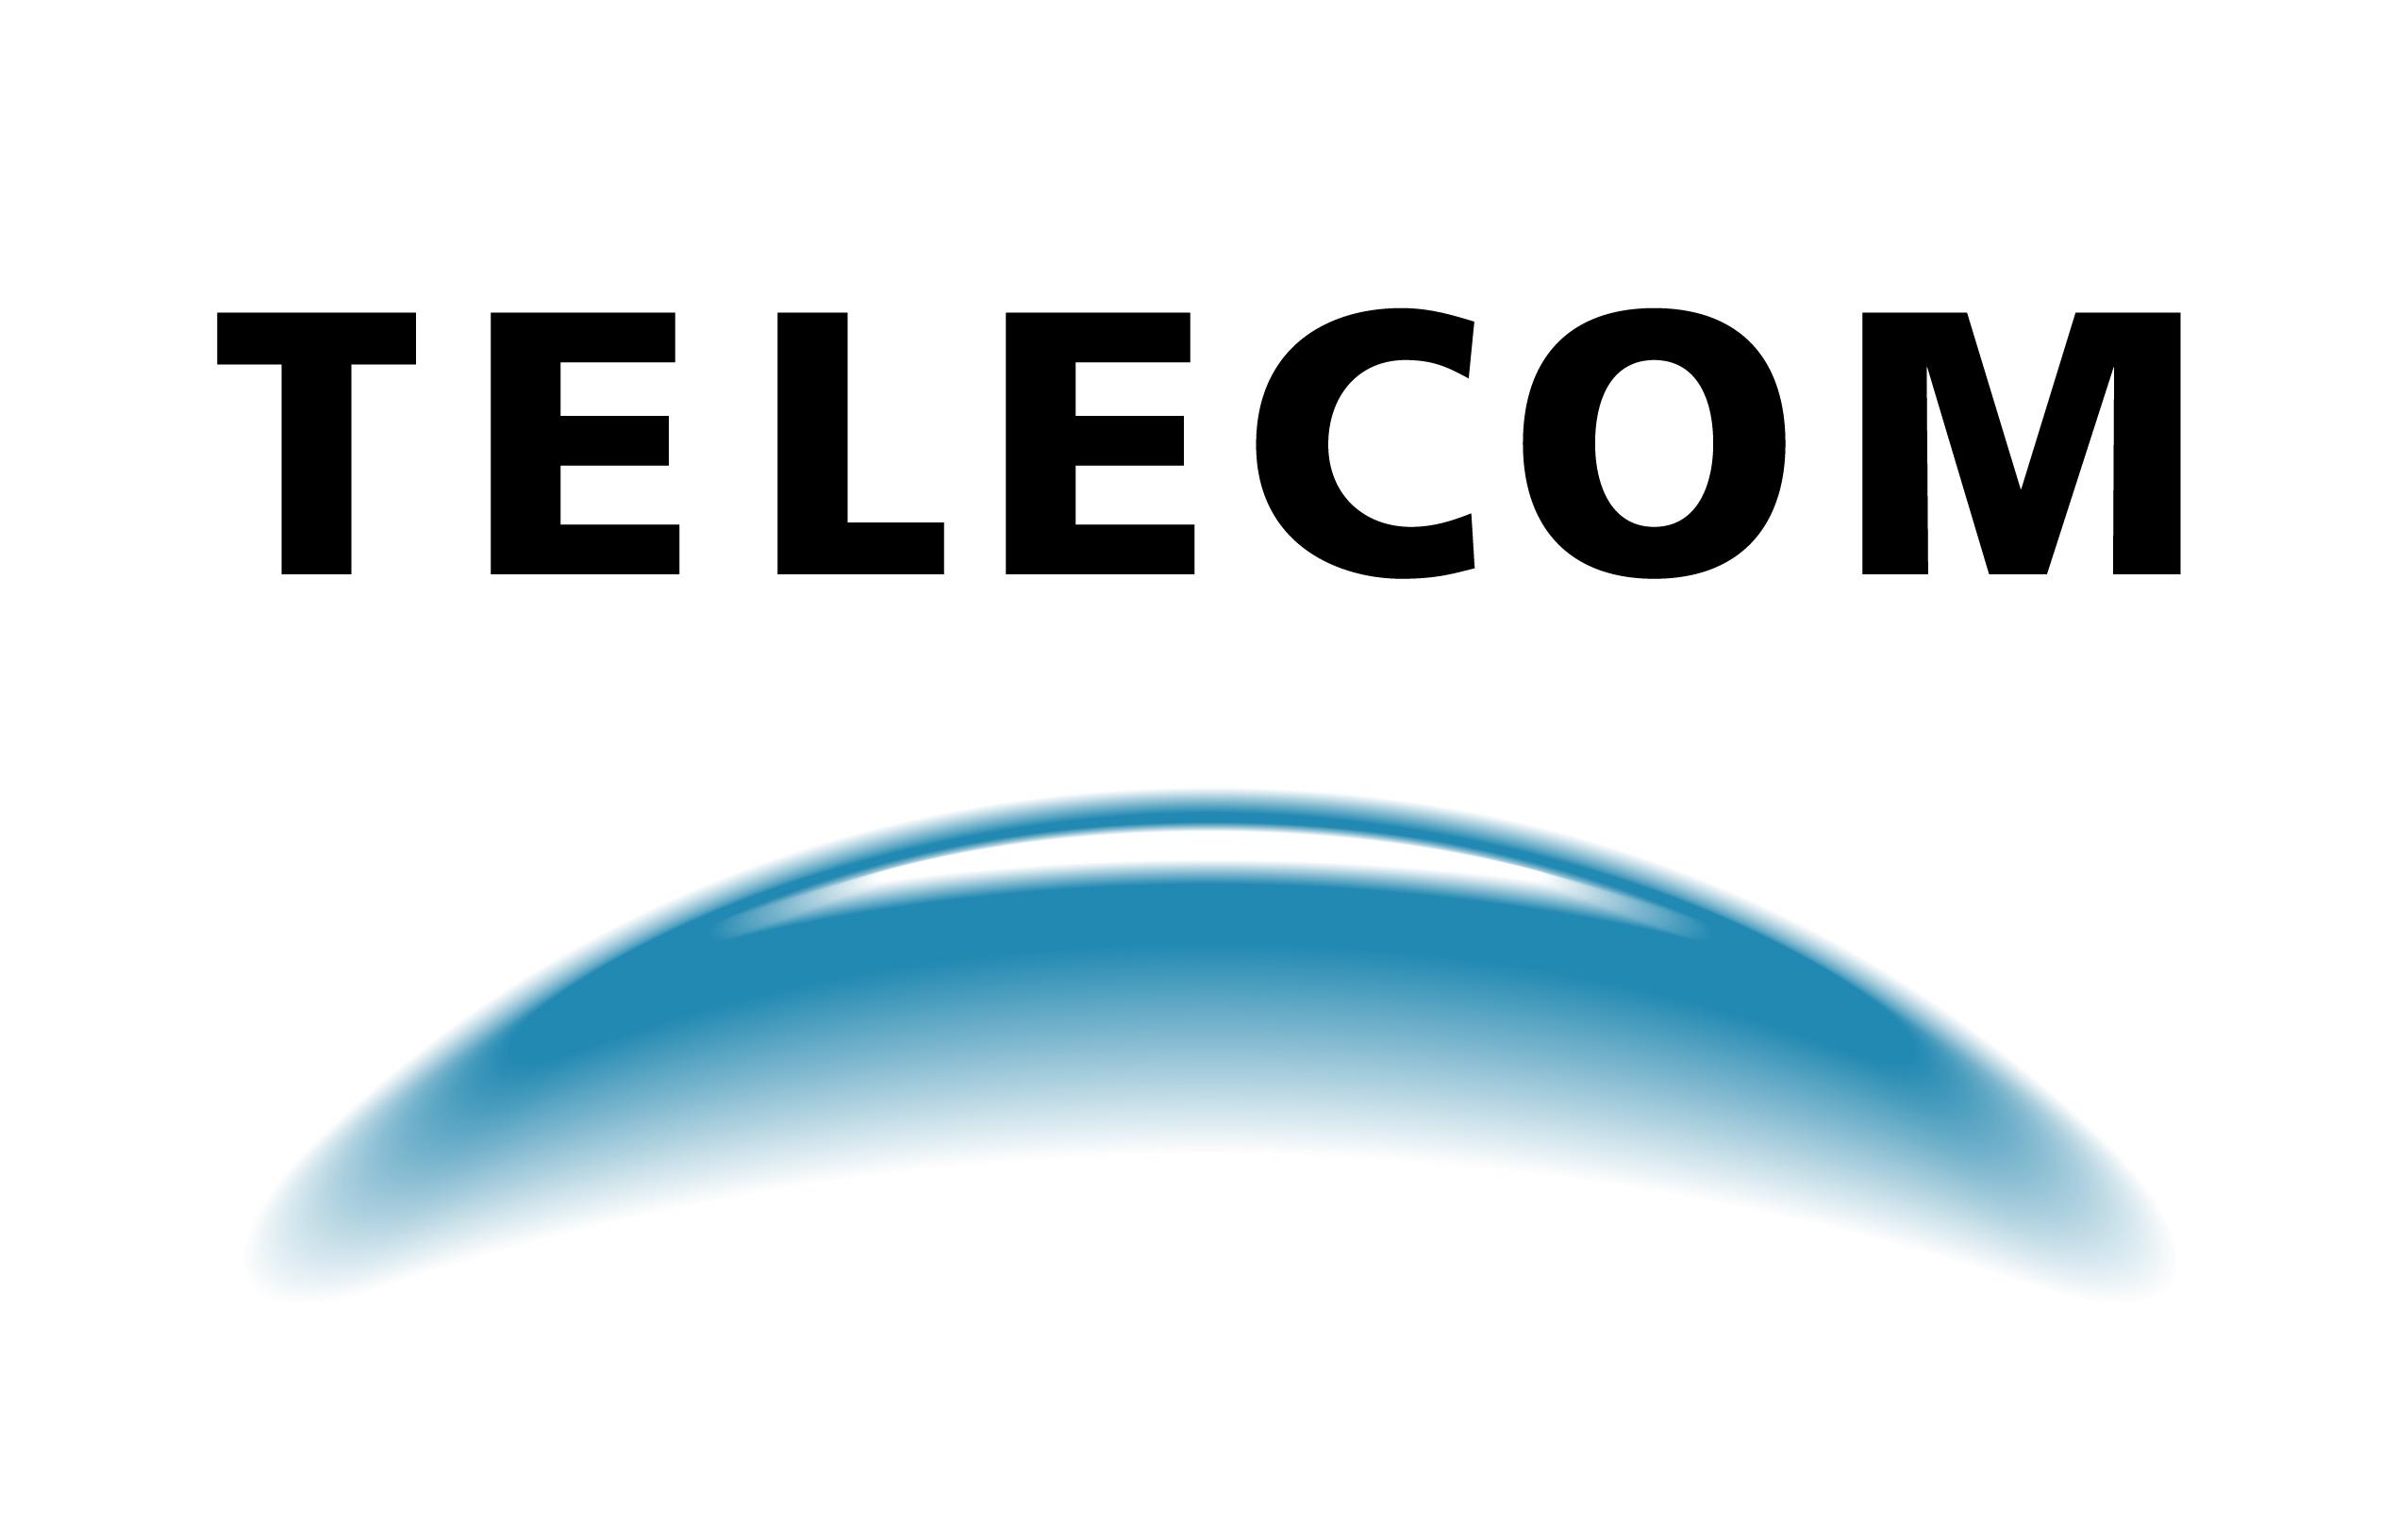 telecom ya subi un 29 en d lares en enero wallstreet. Black Bedroom Furniture Sets. Home Design Ideas